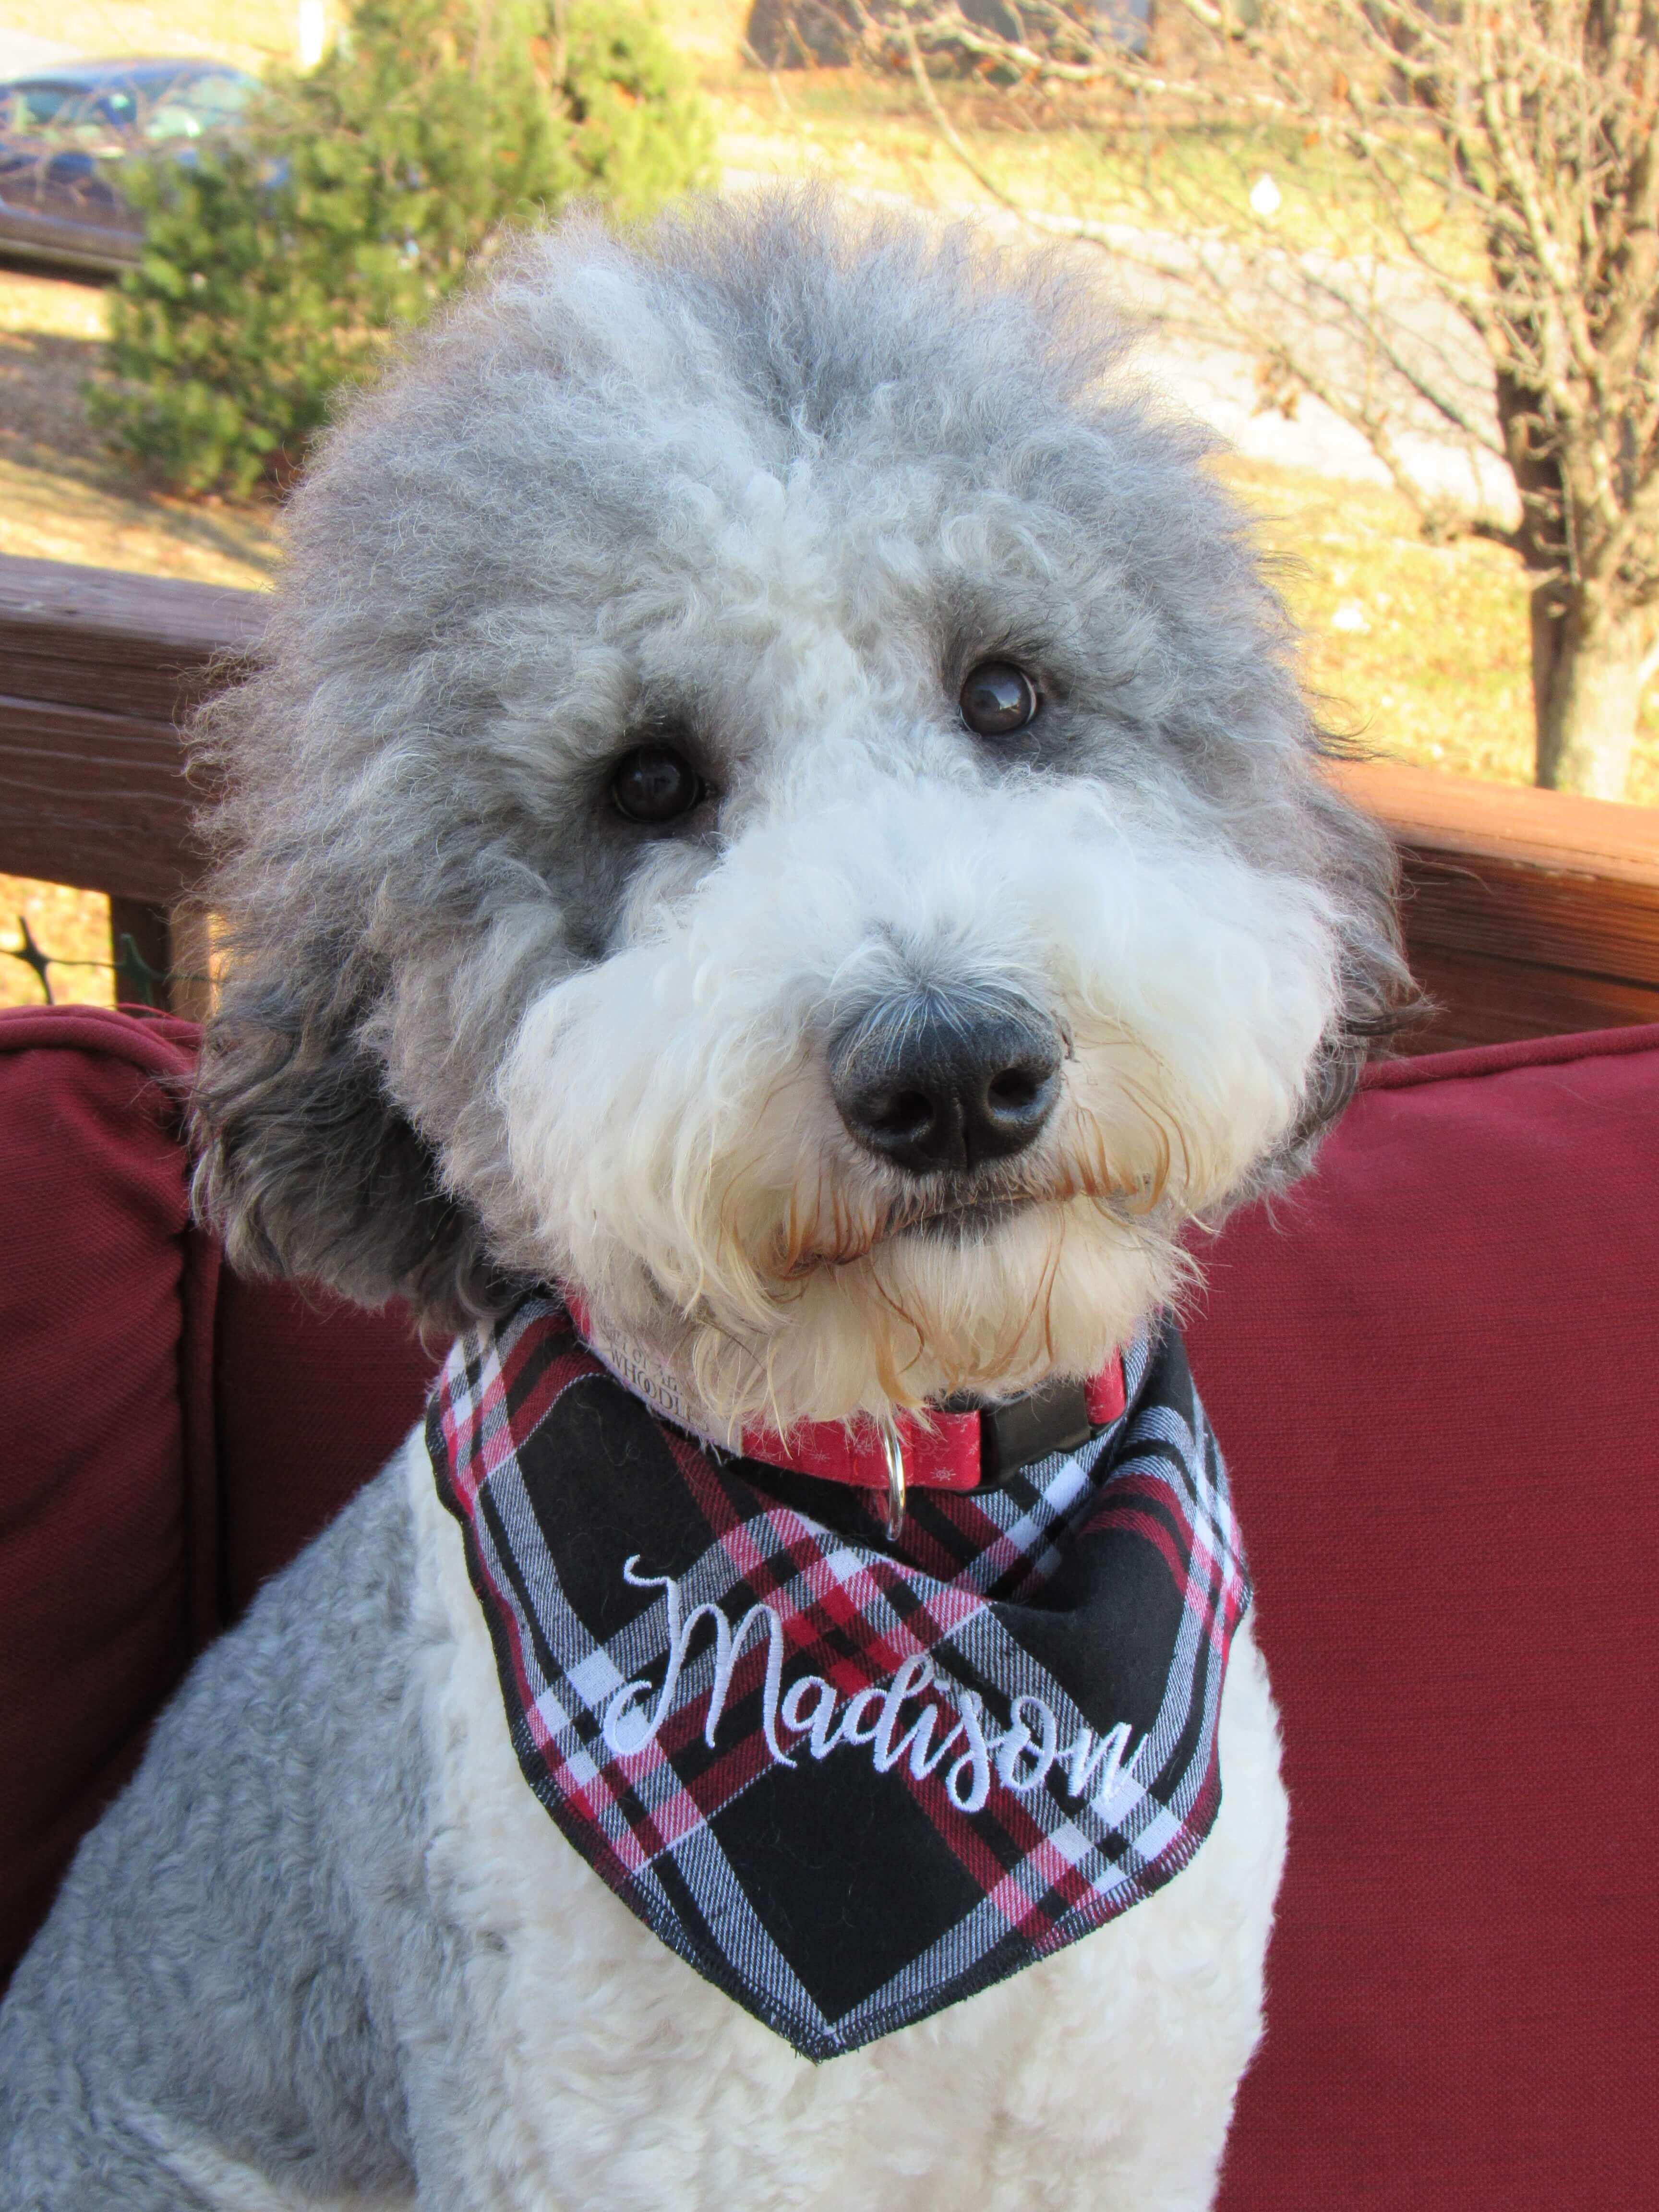 Madison wearing a plaid bandana